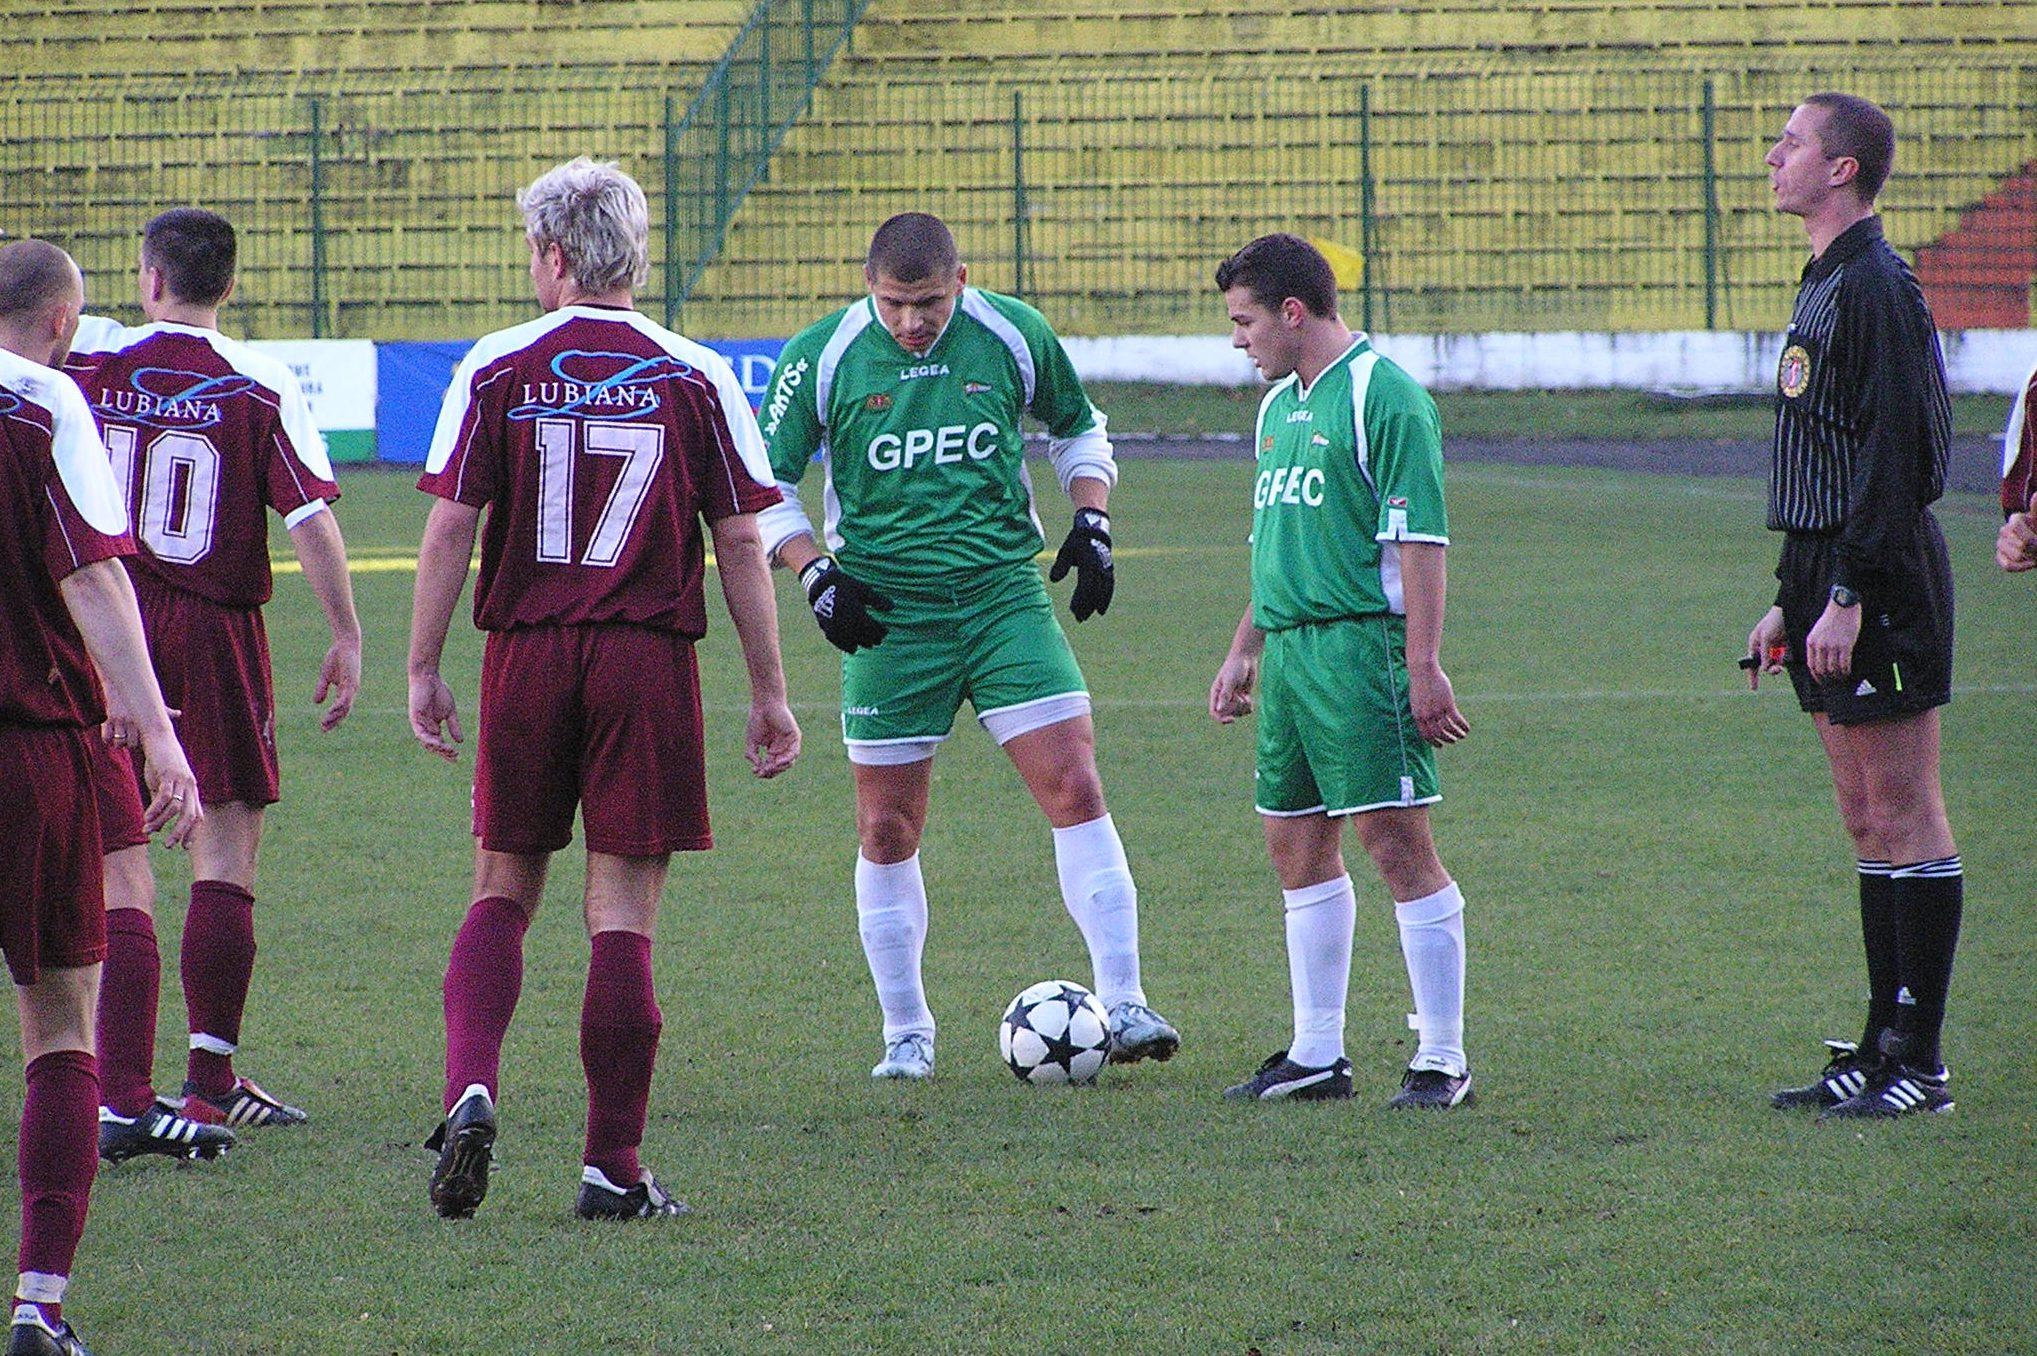 Lechia - Kaszubia, 2004/05